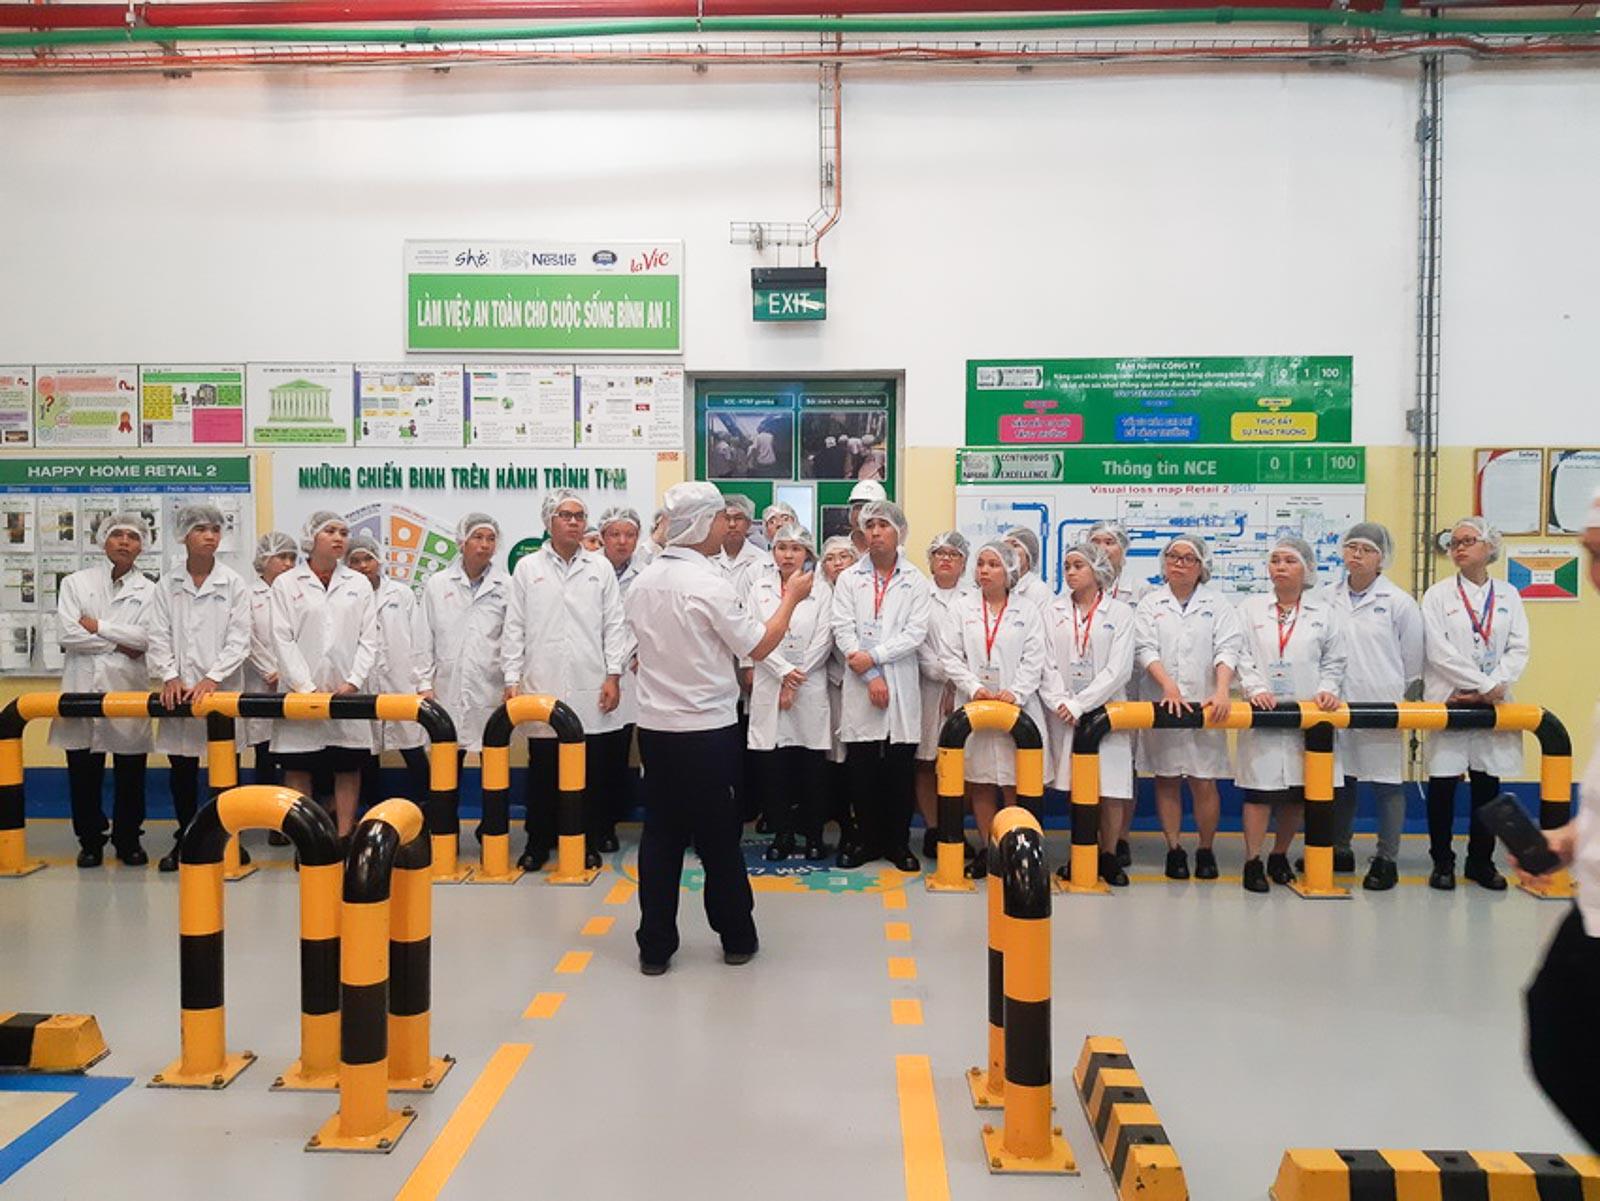 Nhà máy La Vie tại Long An được cấp chứng nhận 'Chung tay quản lý nguồn nước' 2